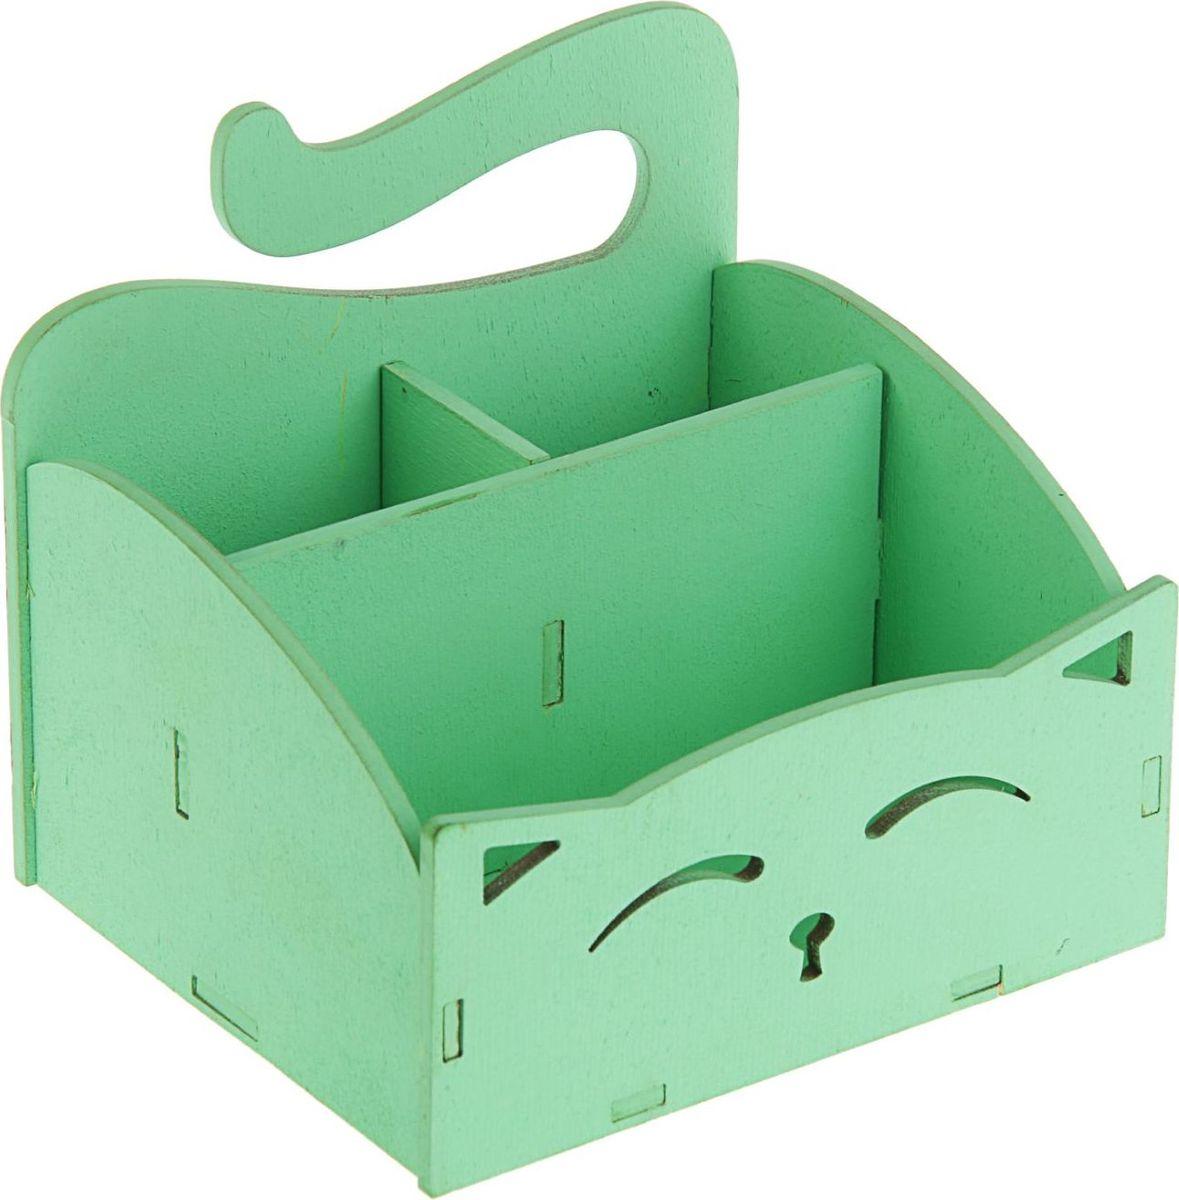 Кашпо ТД ДМ Ящик. Кошечка, цвет: зеленый, 15,4 х 13 х 13,5 см531-402#name# — сувенир в полном смысле этого слова. И главная его задача — хранить воспоминание о месте, где вы побывали, или о том человеке, который подарил данный предмет. Преподнесите эту вещь своему другу, и она станет достойным украшением его дома.